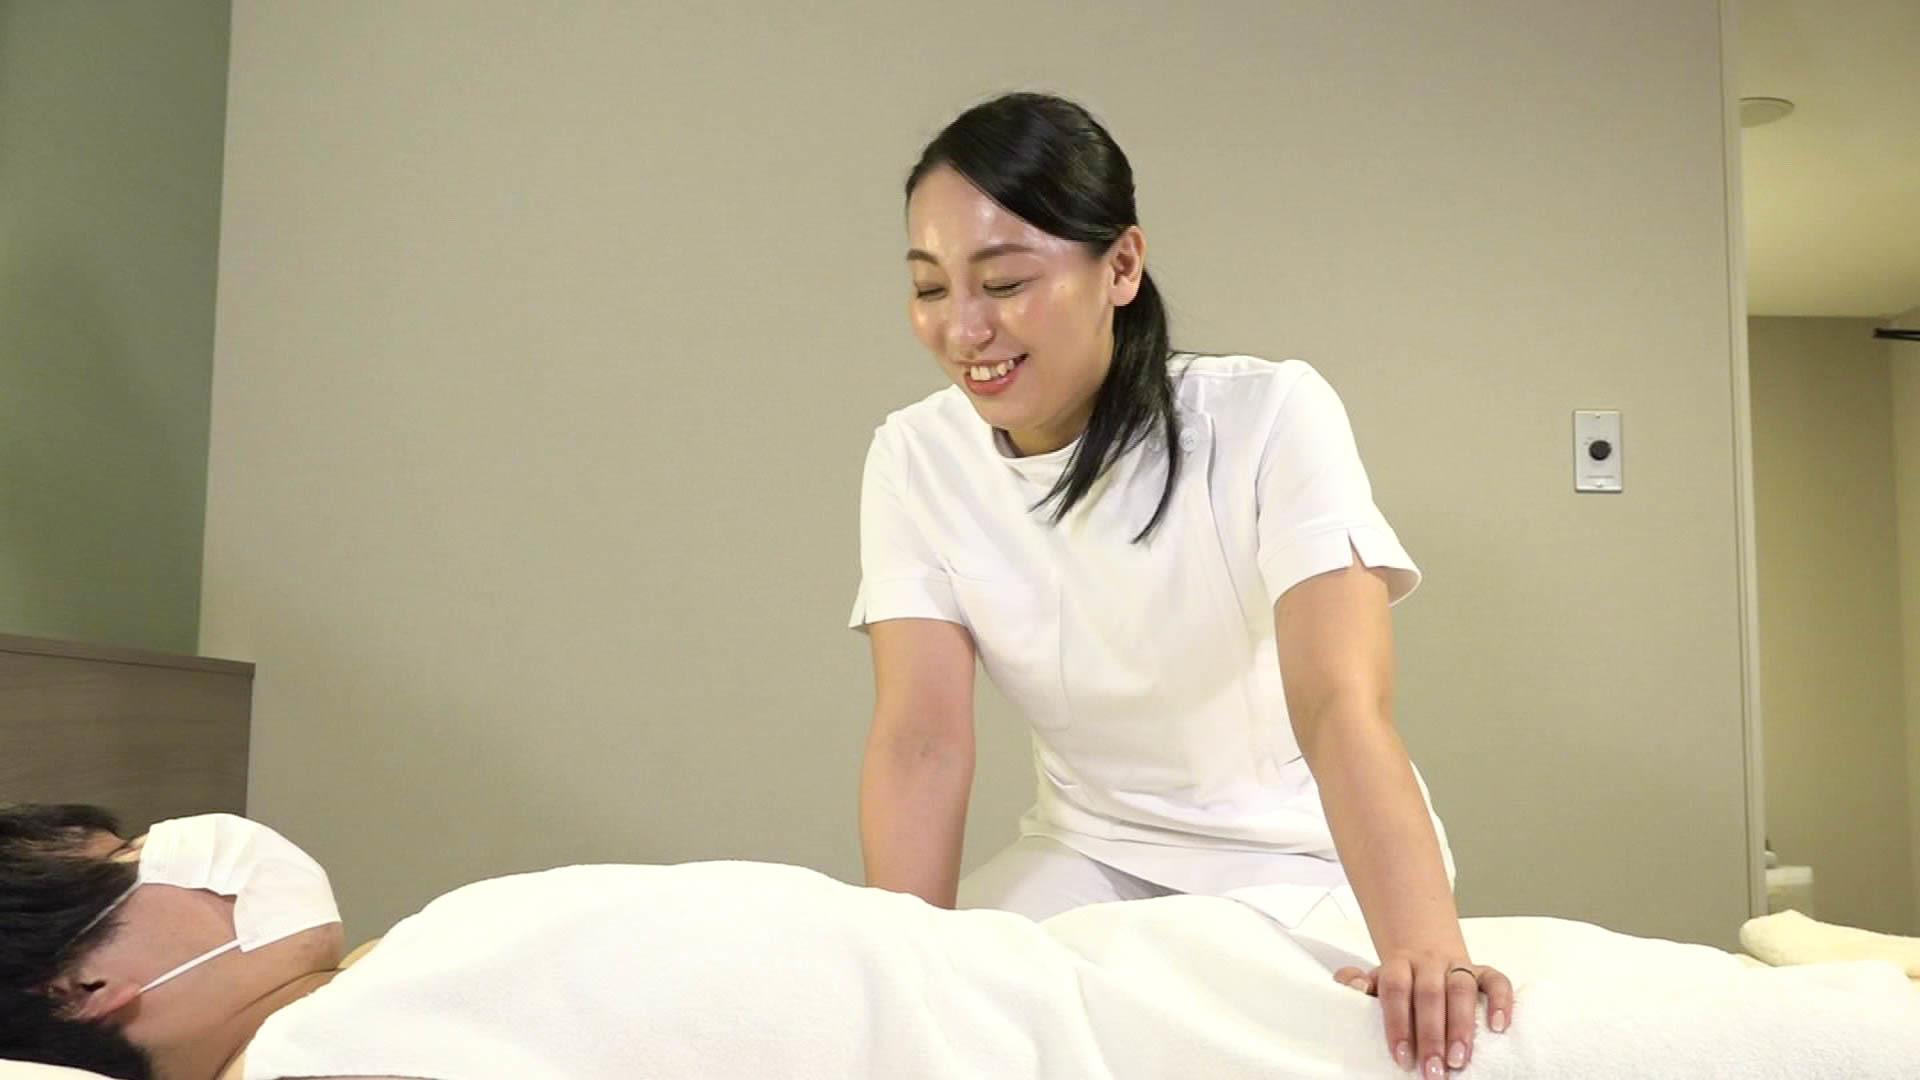 ビジネスホテルの女性マッサージ師は抜いてくれるのか?(10)~フェロモン全開のデカ尻人妻・田所さん,のサンプル画像5